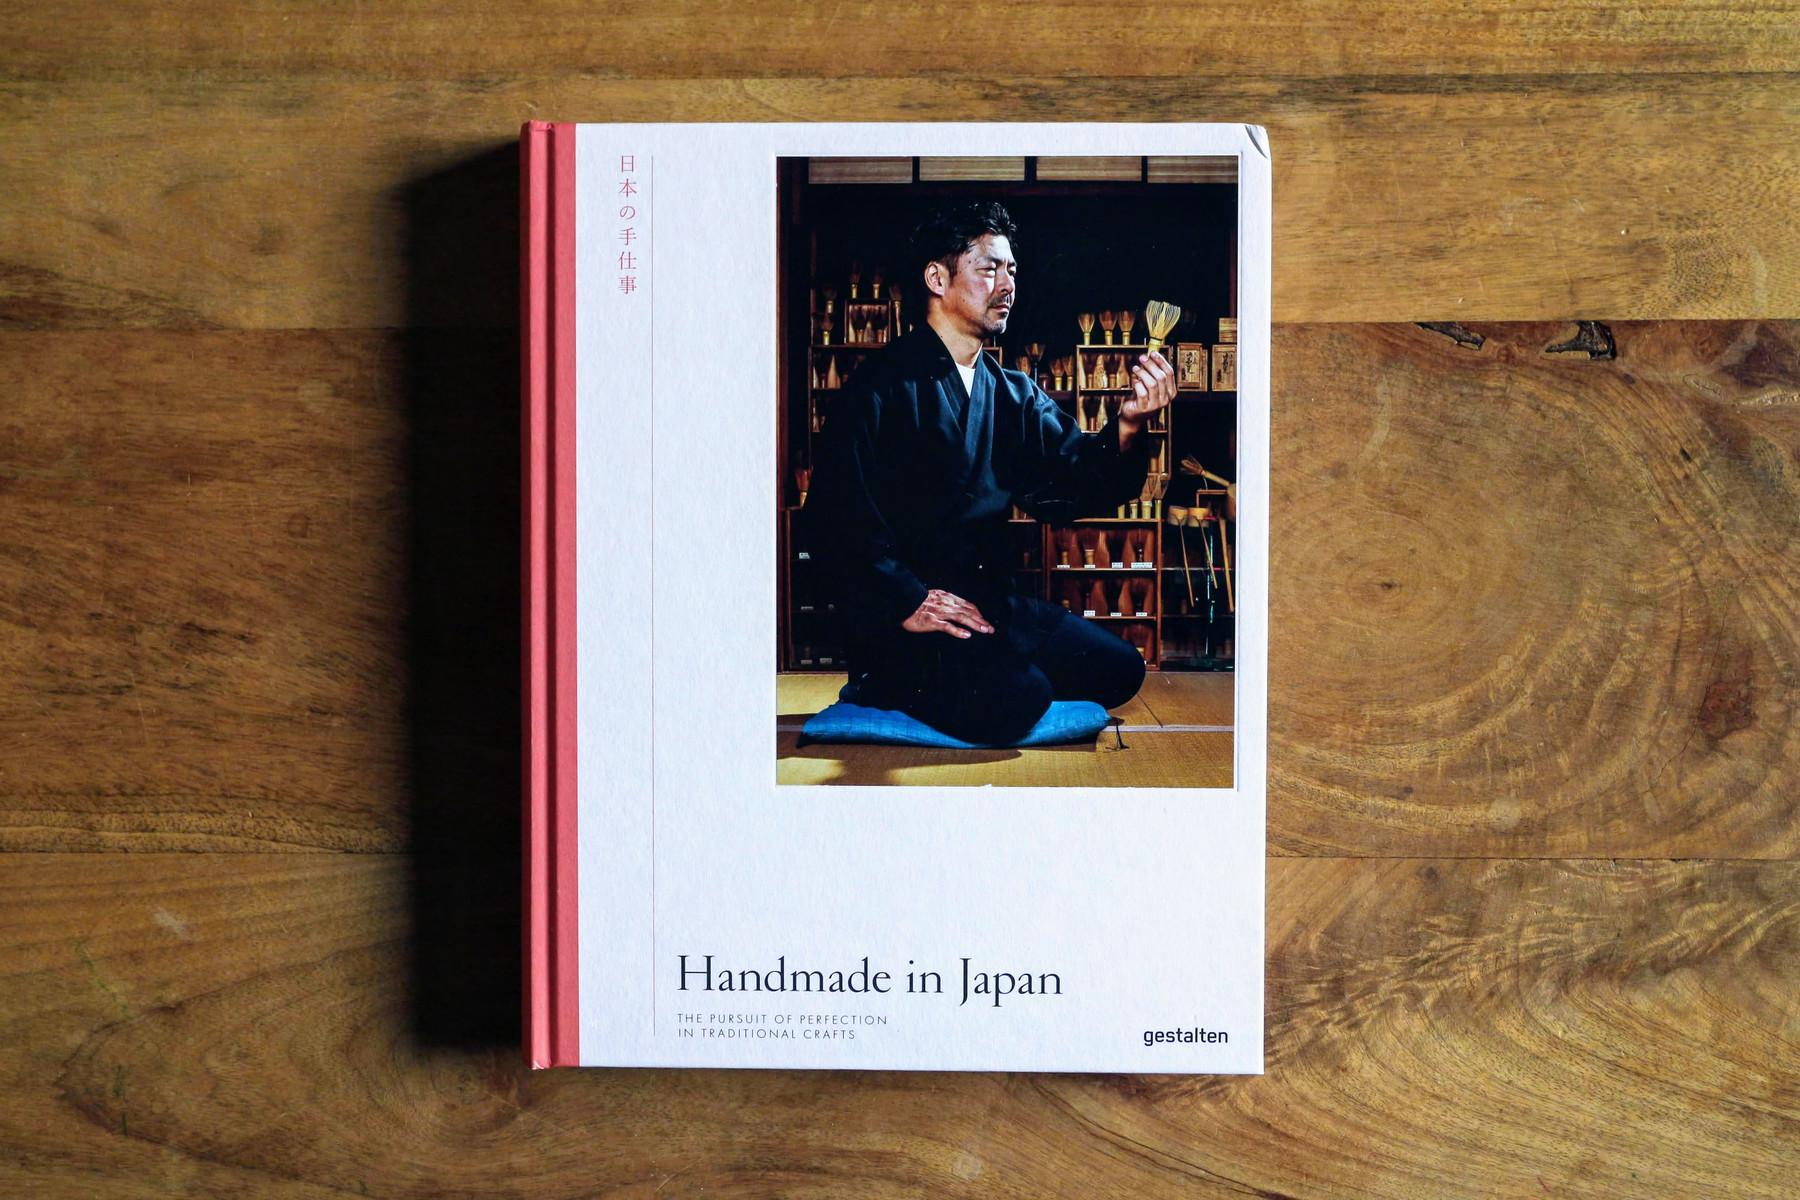 handmade in japan gestalten 1